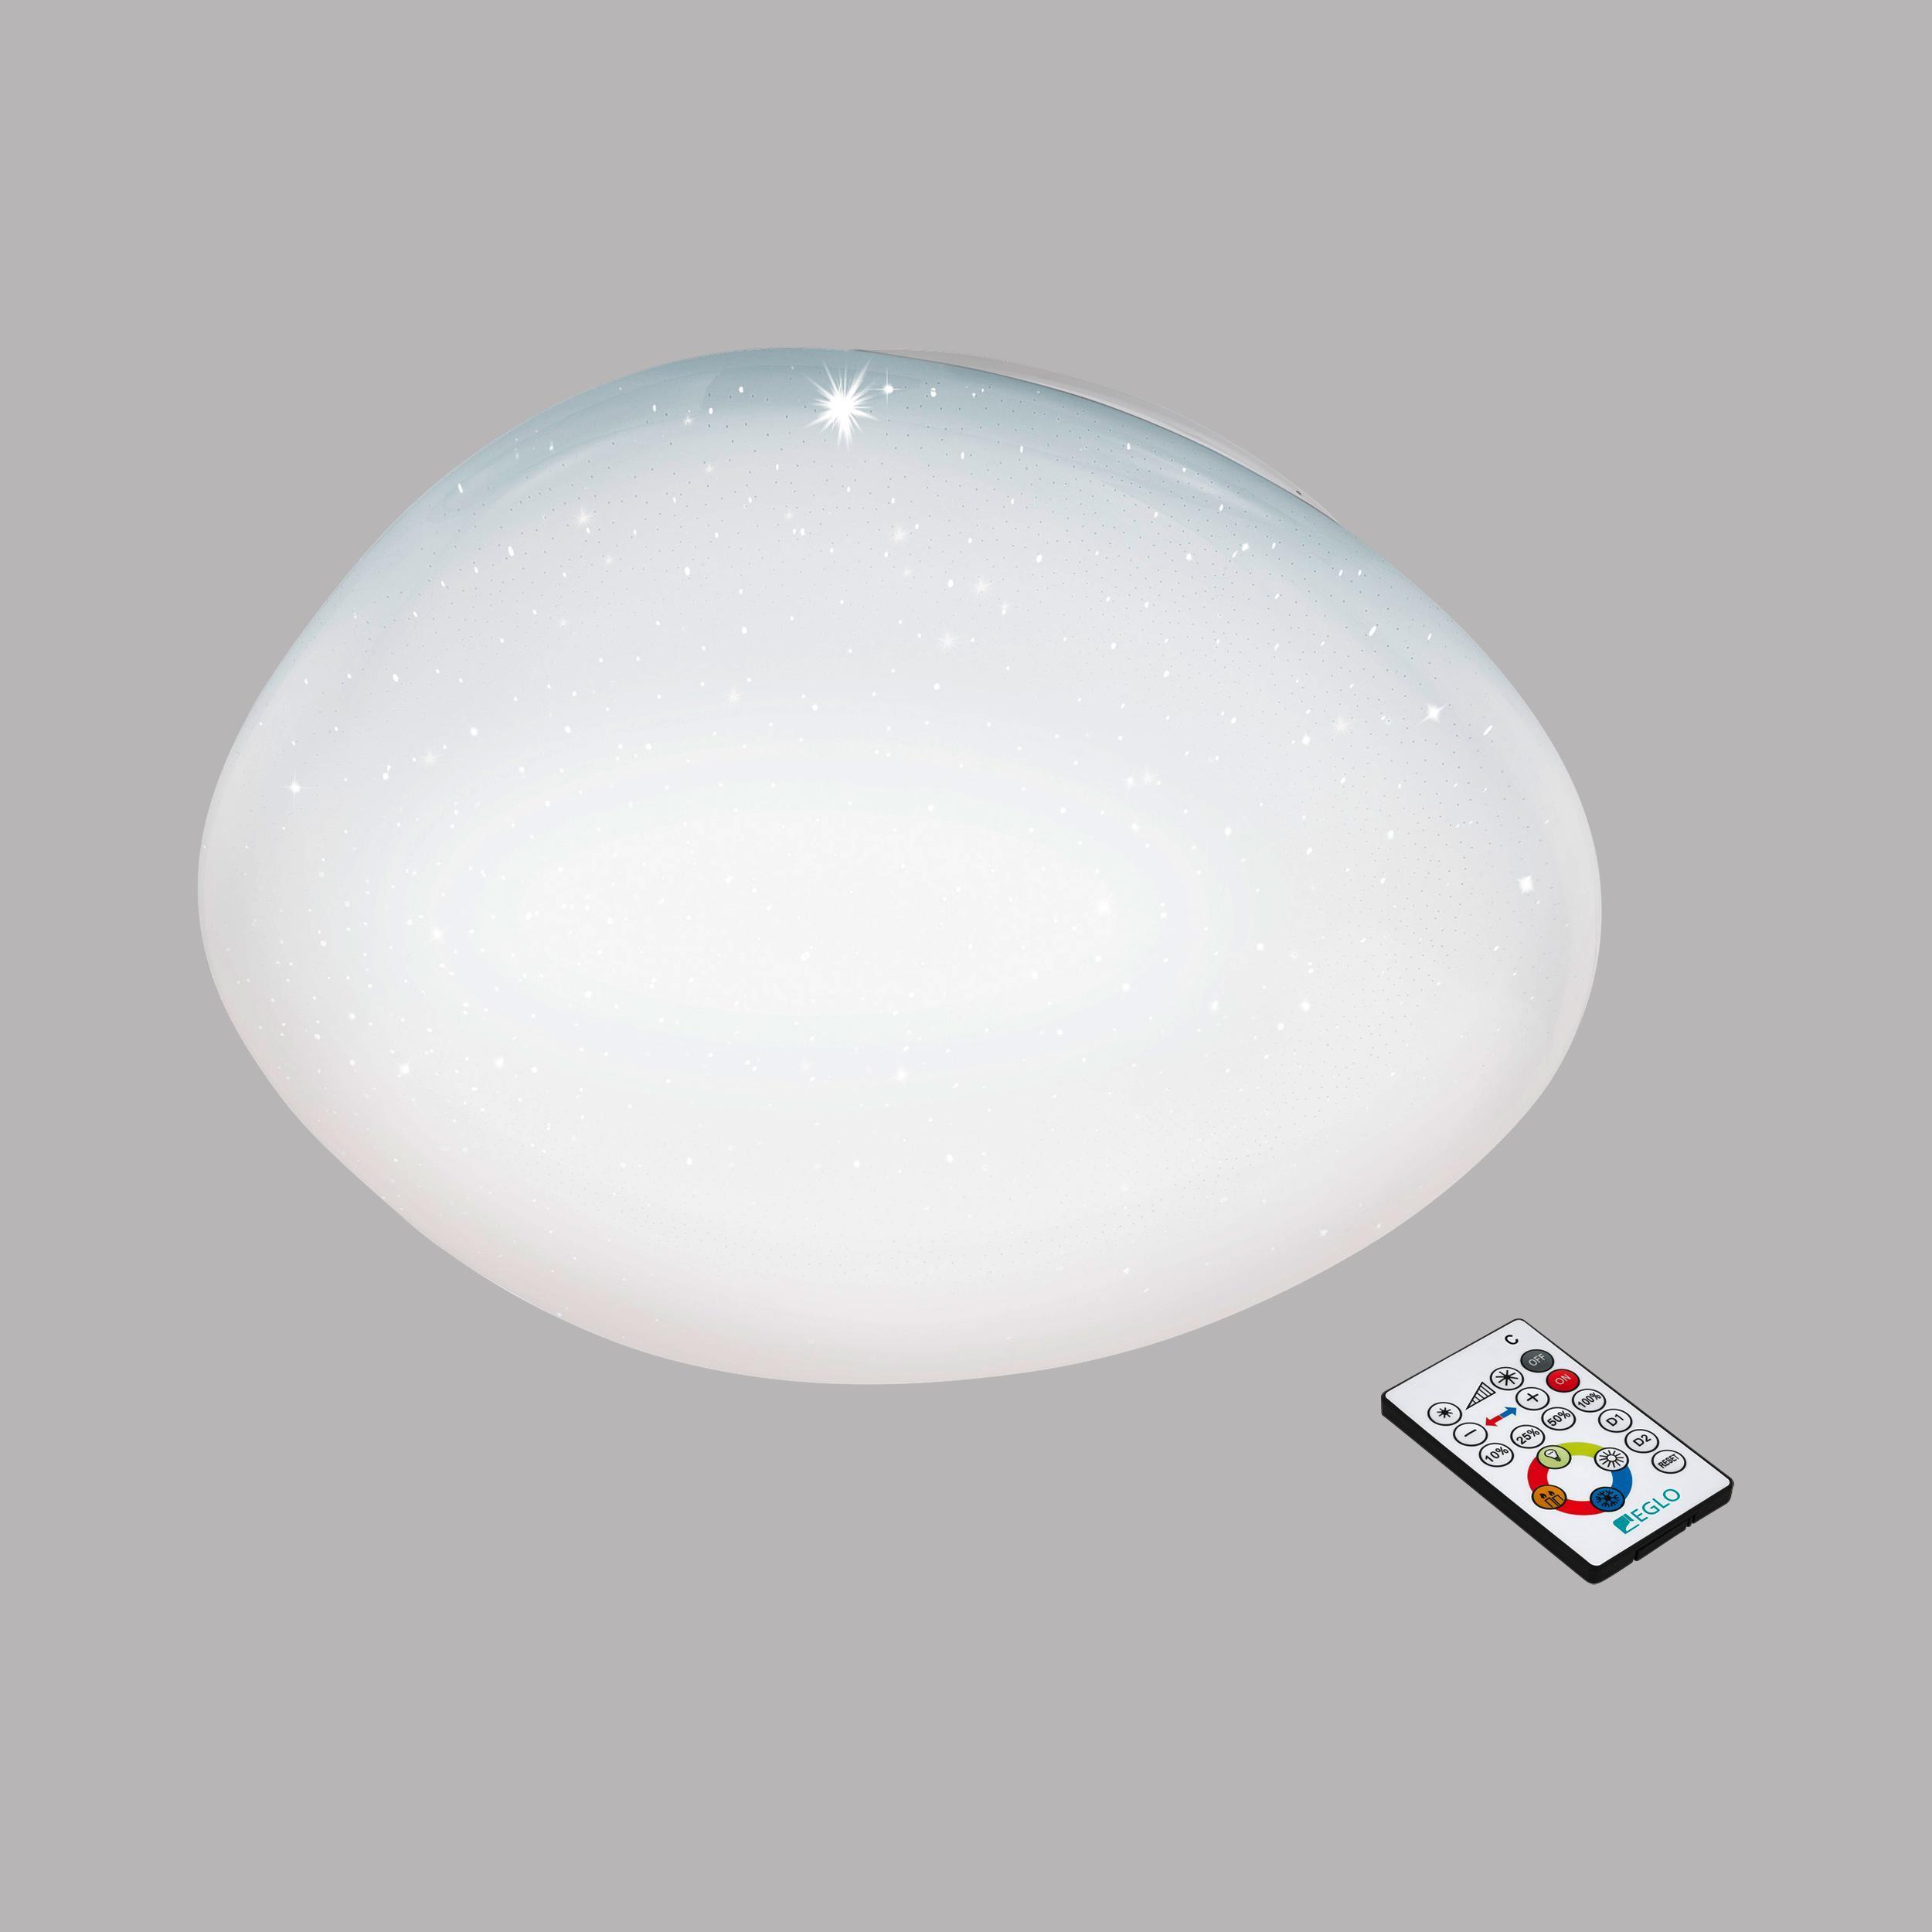 Die günstigsten Leuchten und Lampen finden Sie bei den